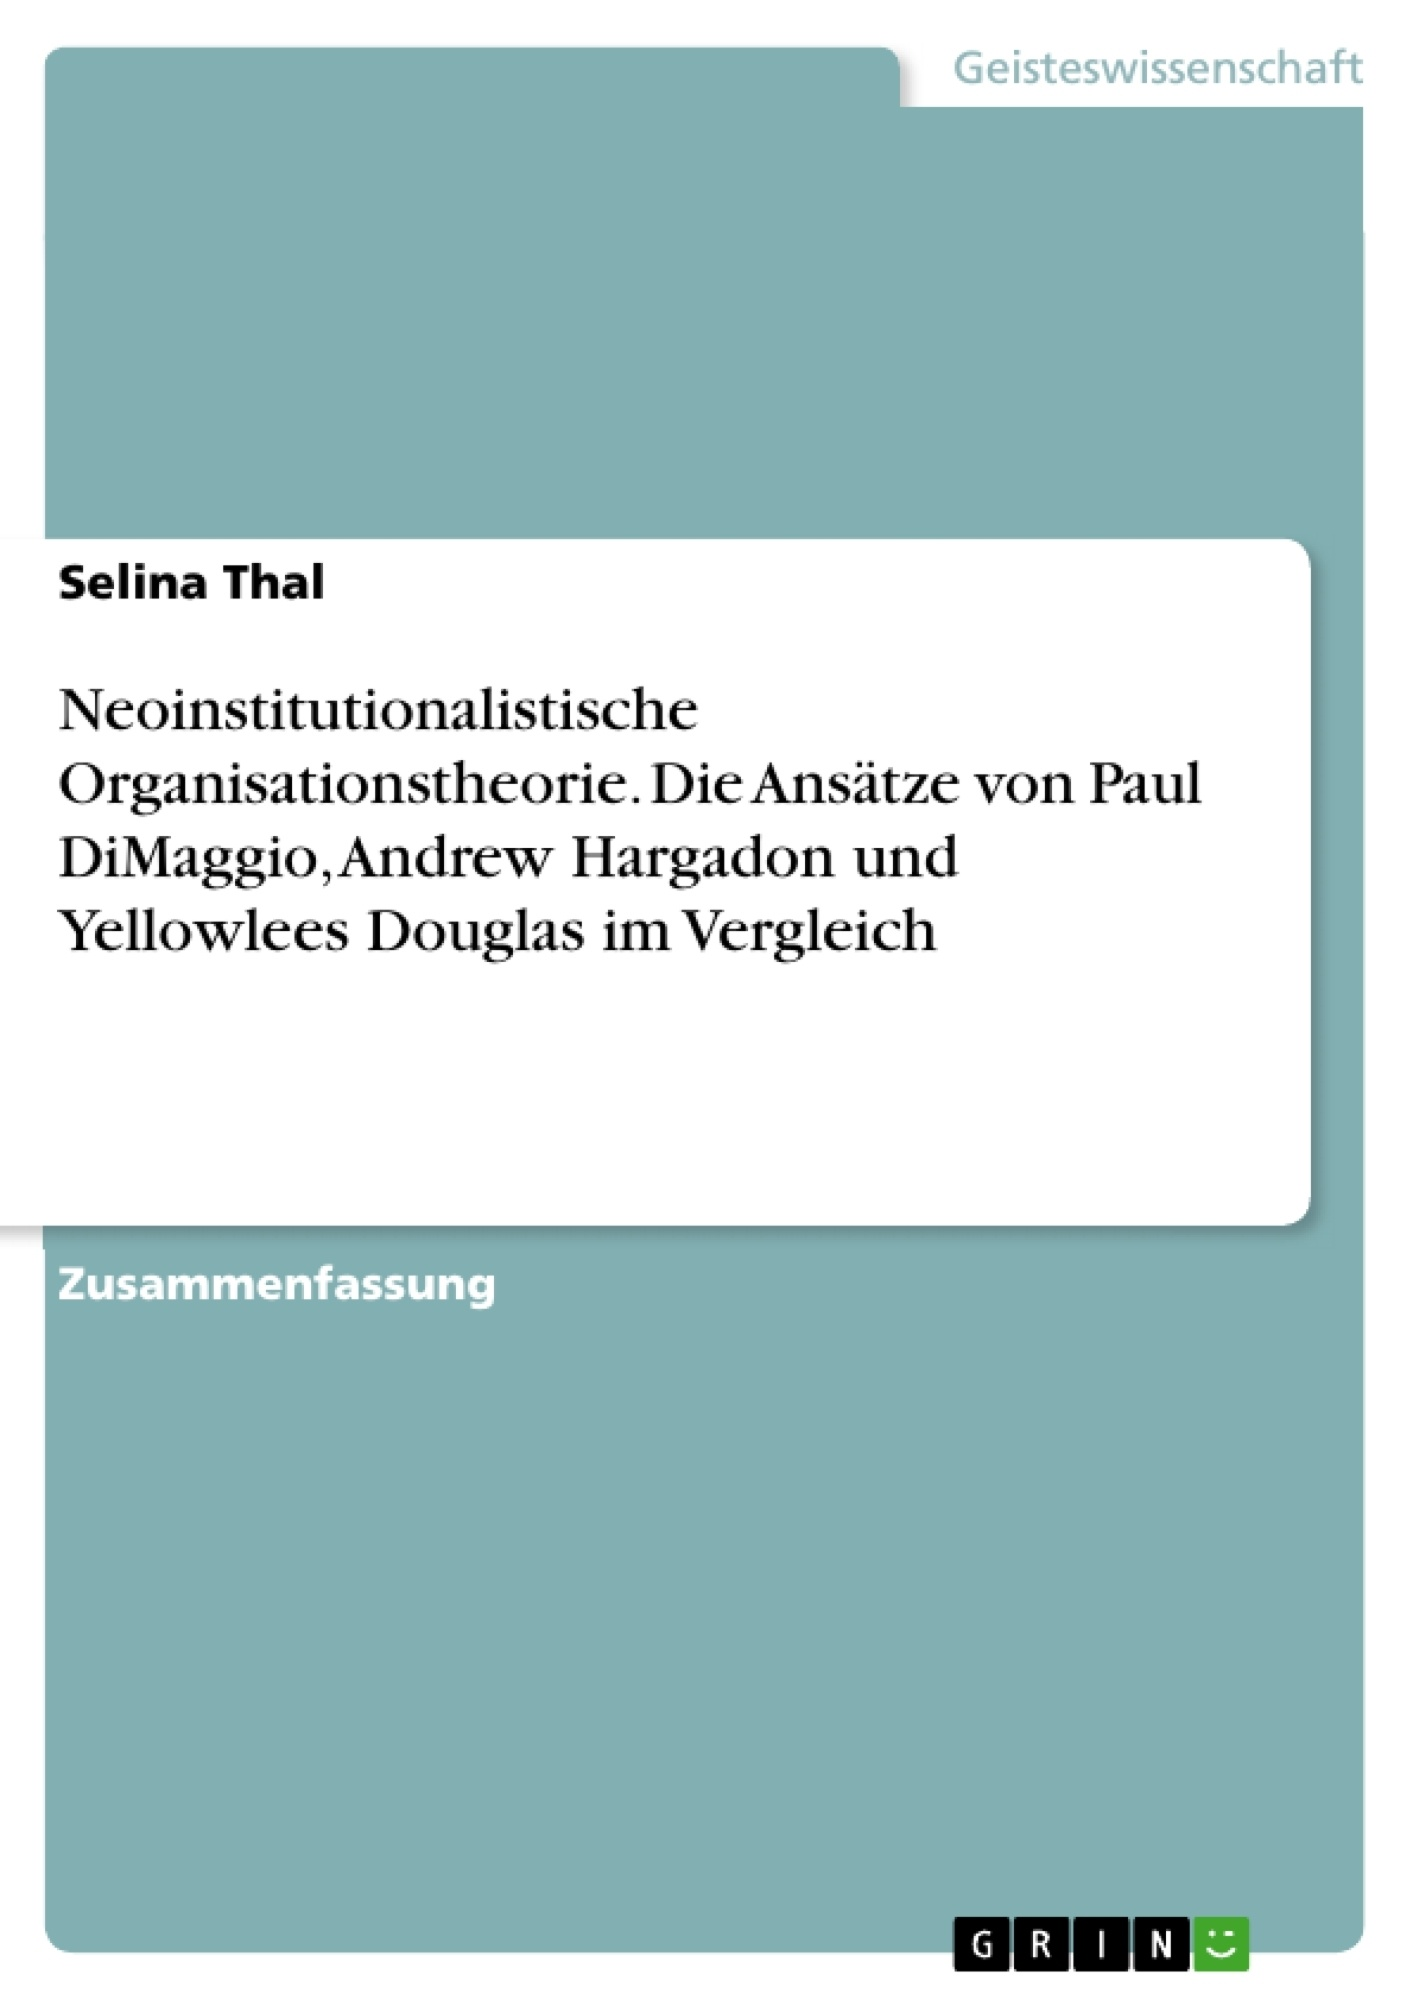 Titel: Neoinstitutionalistische Organisationstheorie. Die Ansätze von Paul DiMaggio, Andrew Hargadon und Yellowlees Douglas im Vergleich